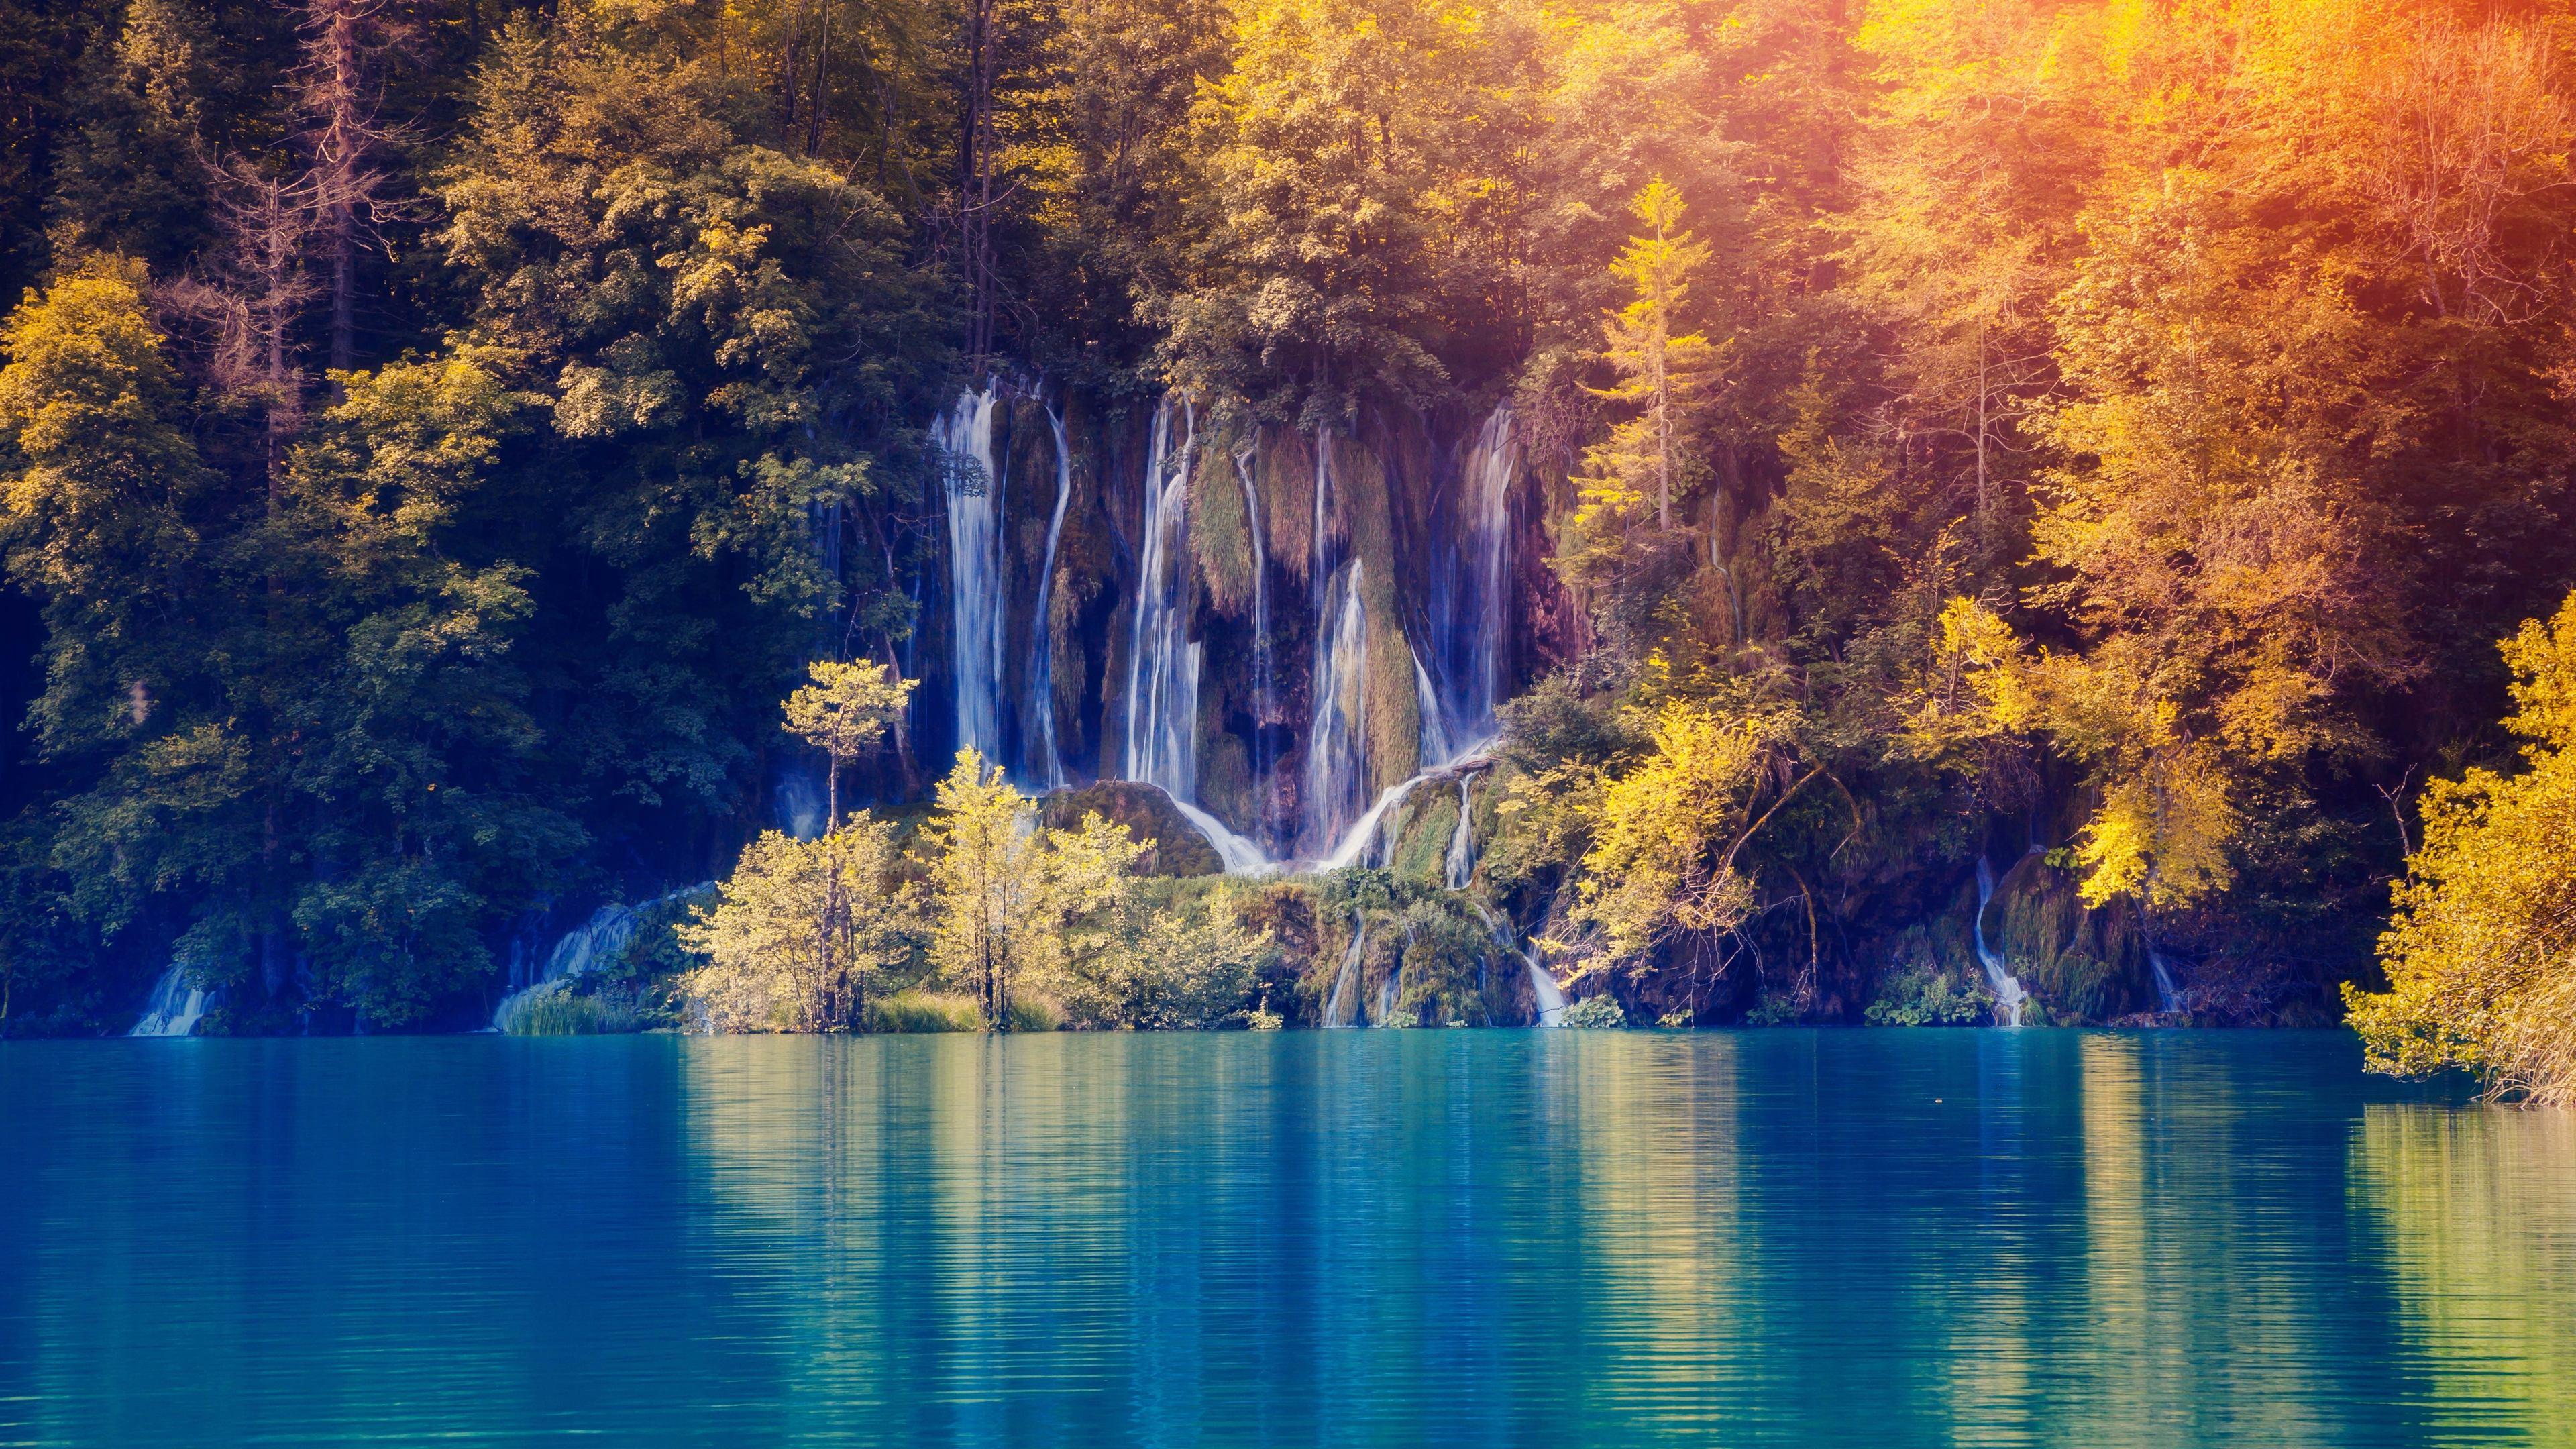 fall foliage lake nature waterfall 4k 1540132899 - Fall Foliage Lake Nature Waterfall 4k - waterfall wallpapers, nature wallpapers, lake wallpapers, hd-wallpapers, 5k wallpapers, 4k-wallpapers